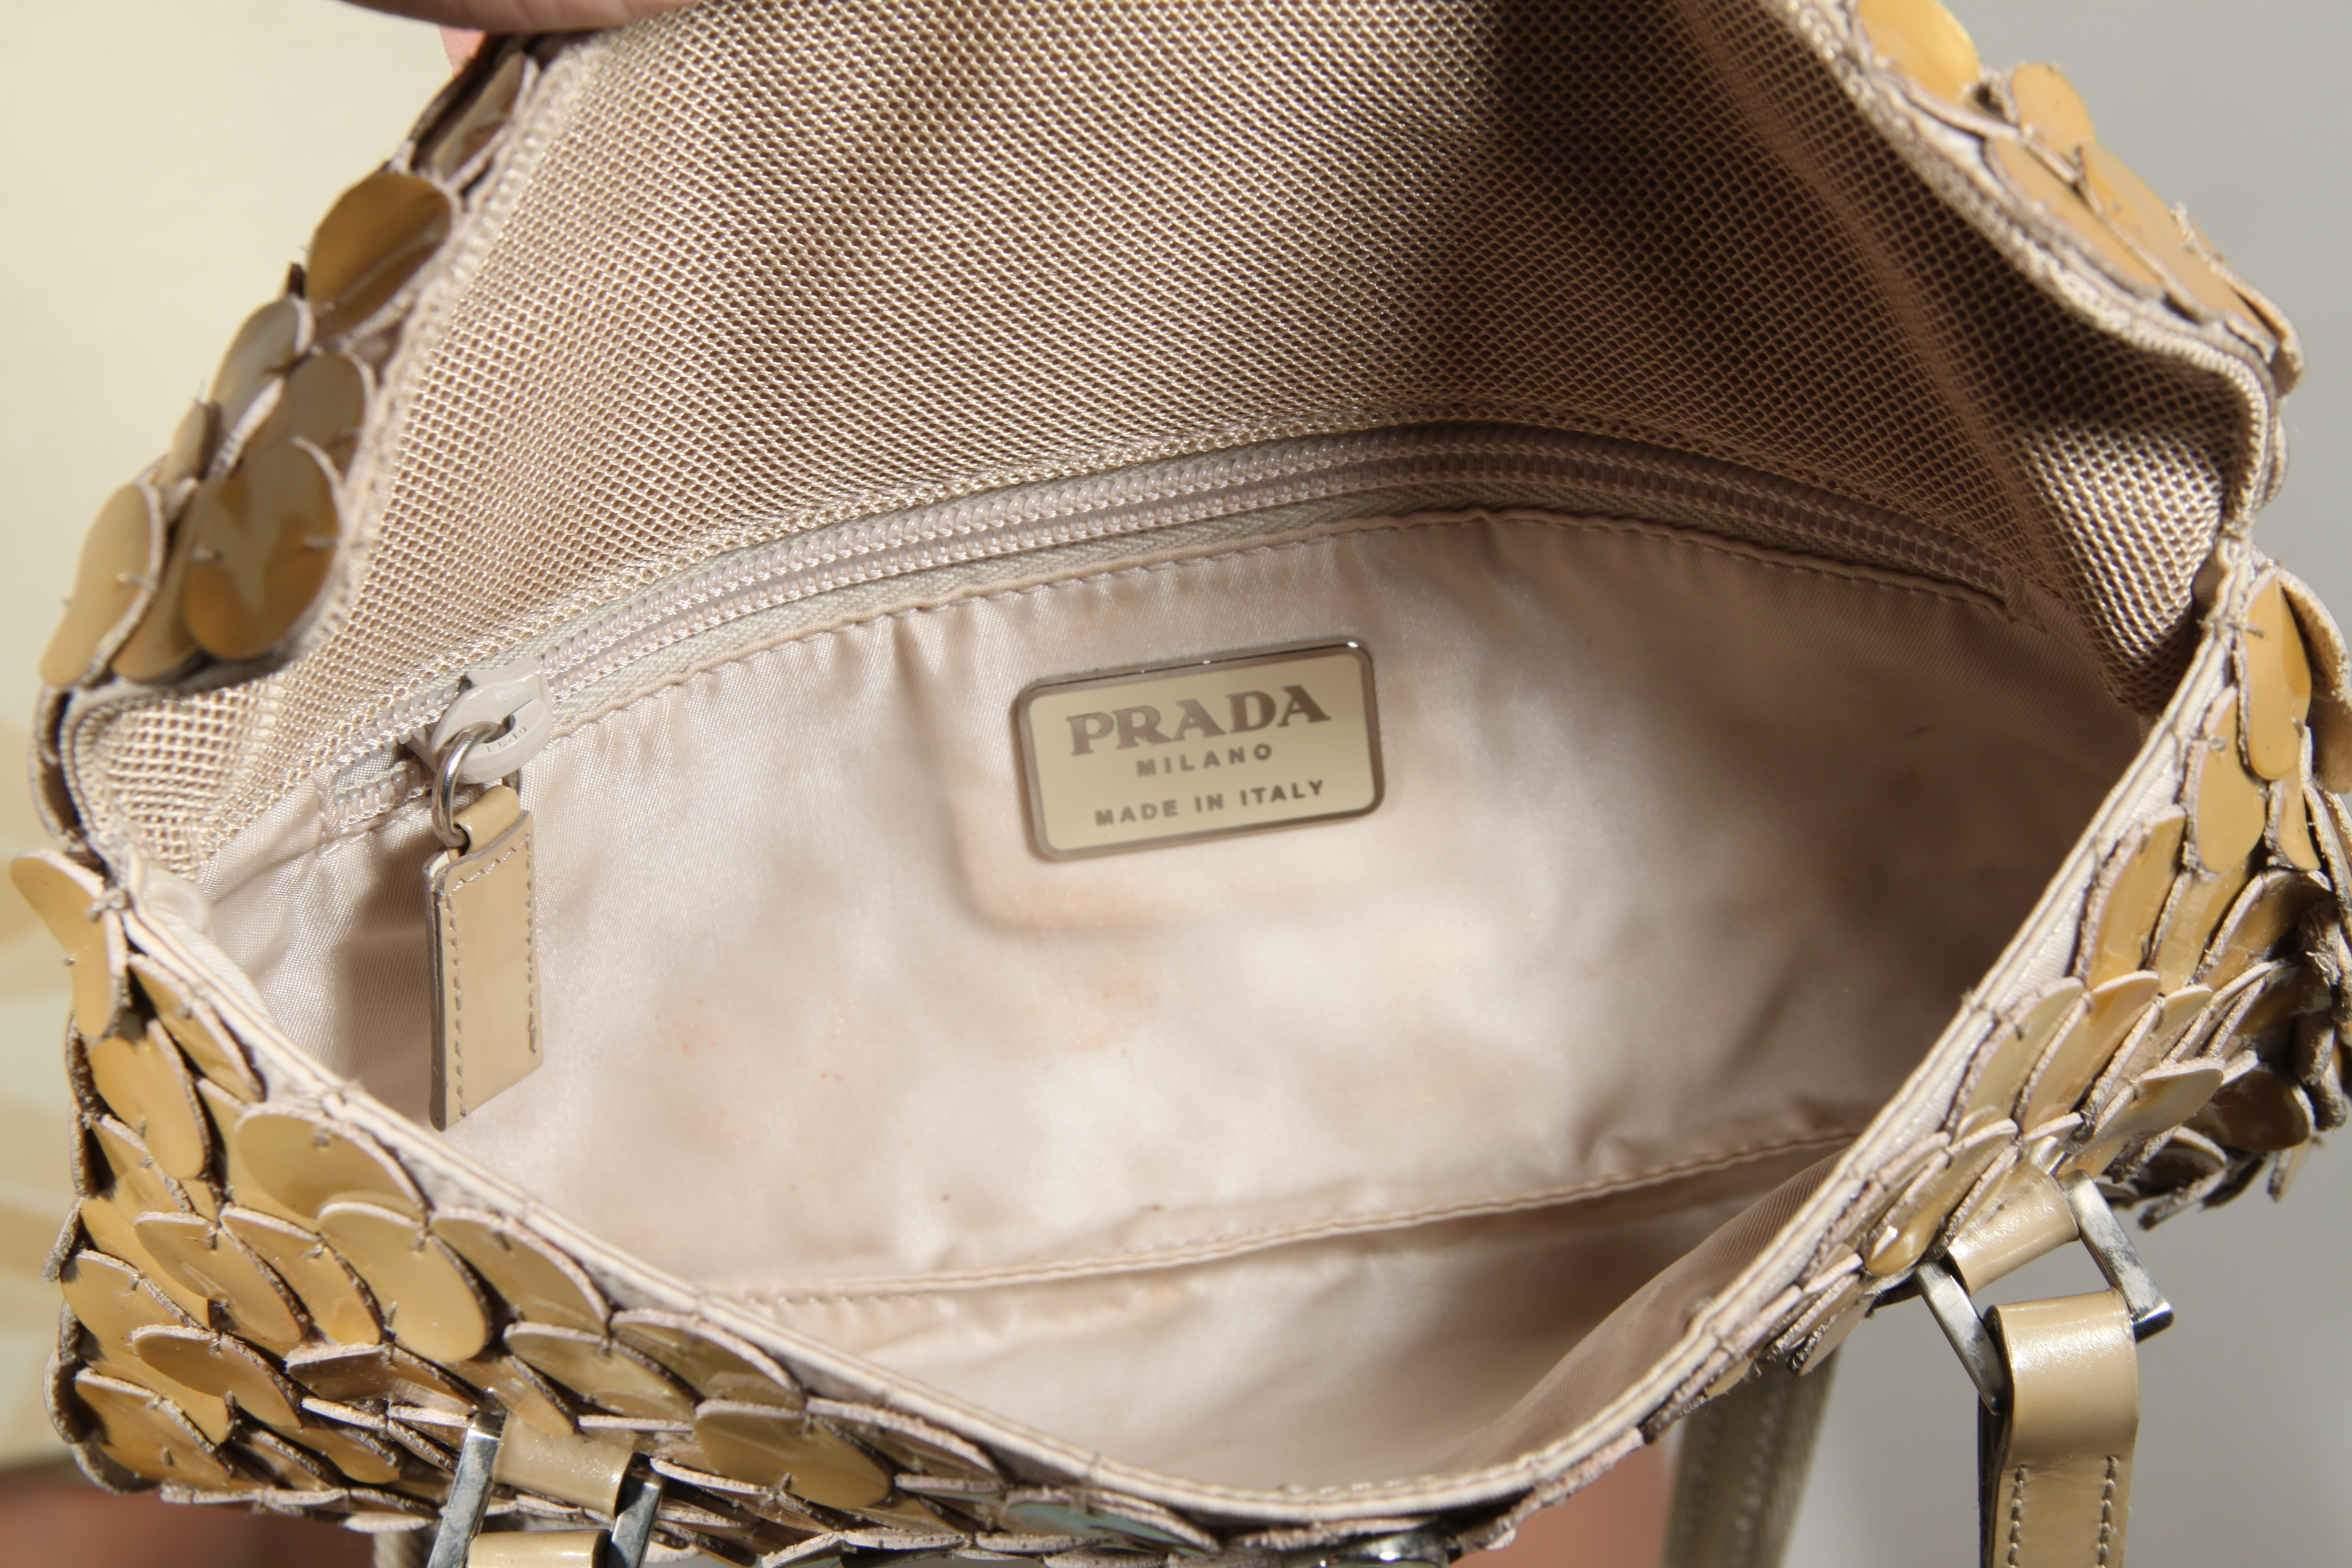 41ae1218c25ae Prada: logos, shapes and details , a close look - VintageMania